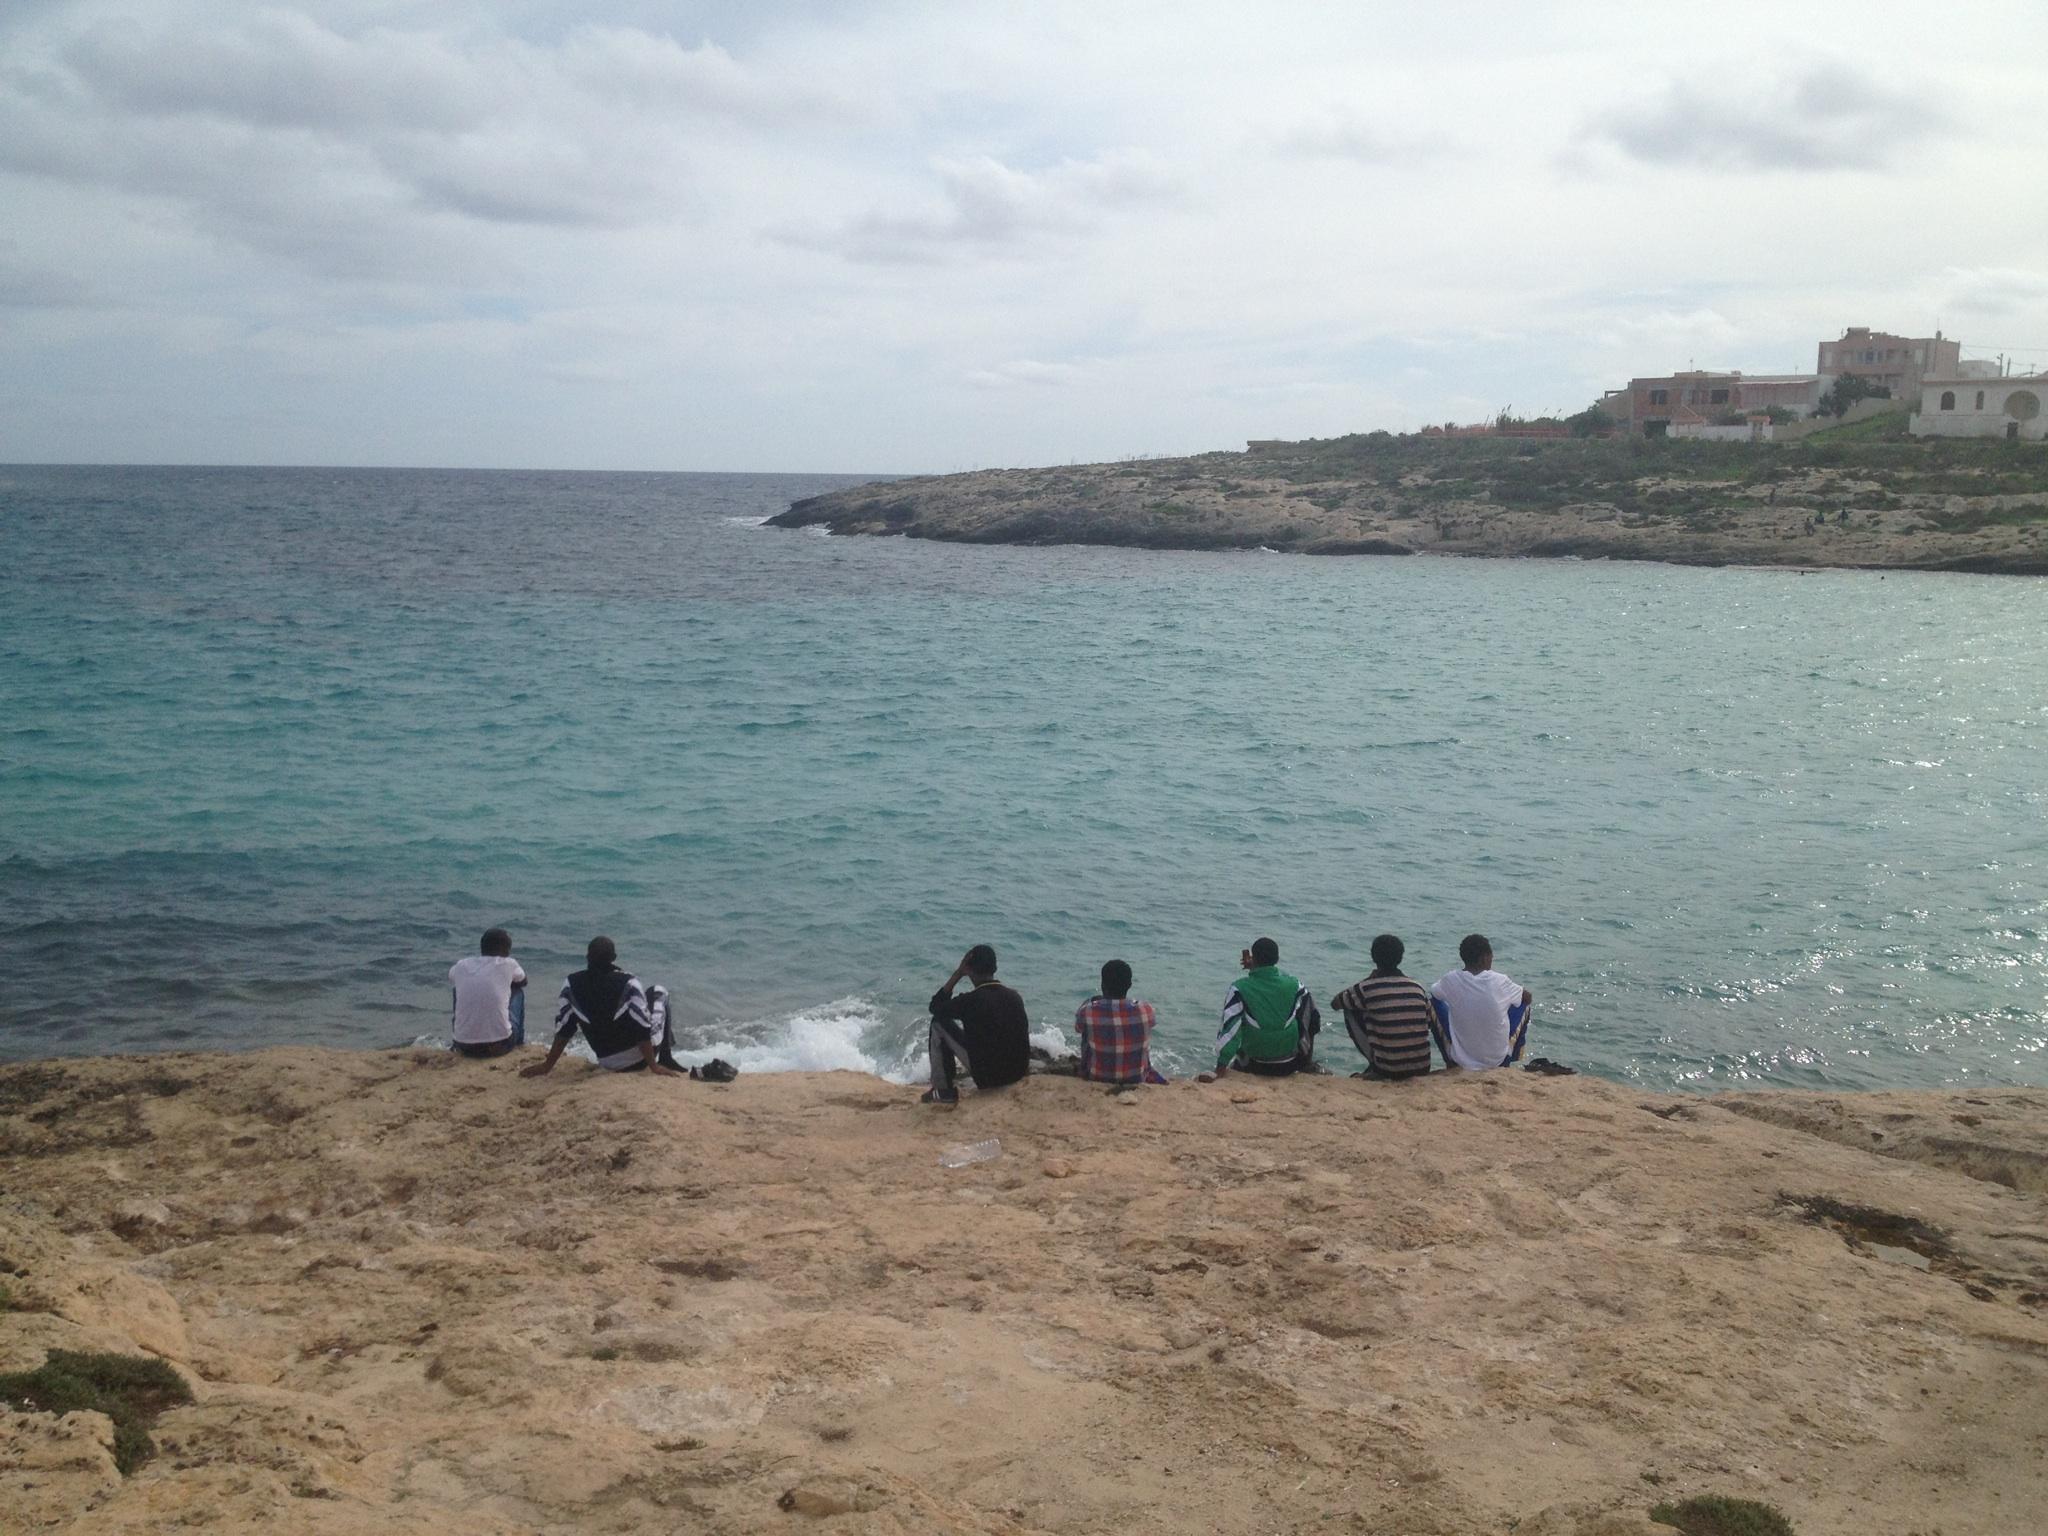 L'entrée du port de Lampedusa par où ils sont arrivés. Le 19 octobre 2013. Photo : François Dufour